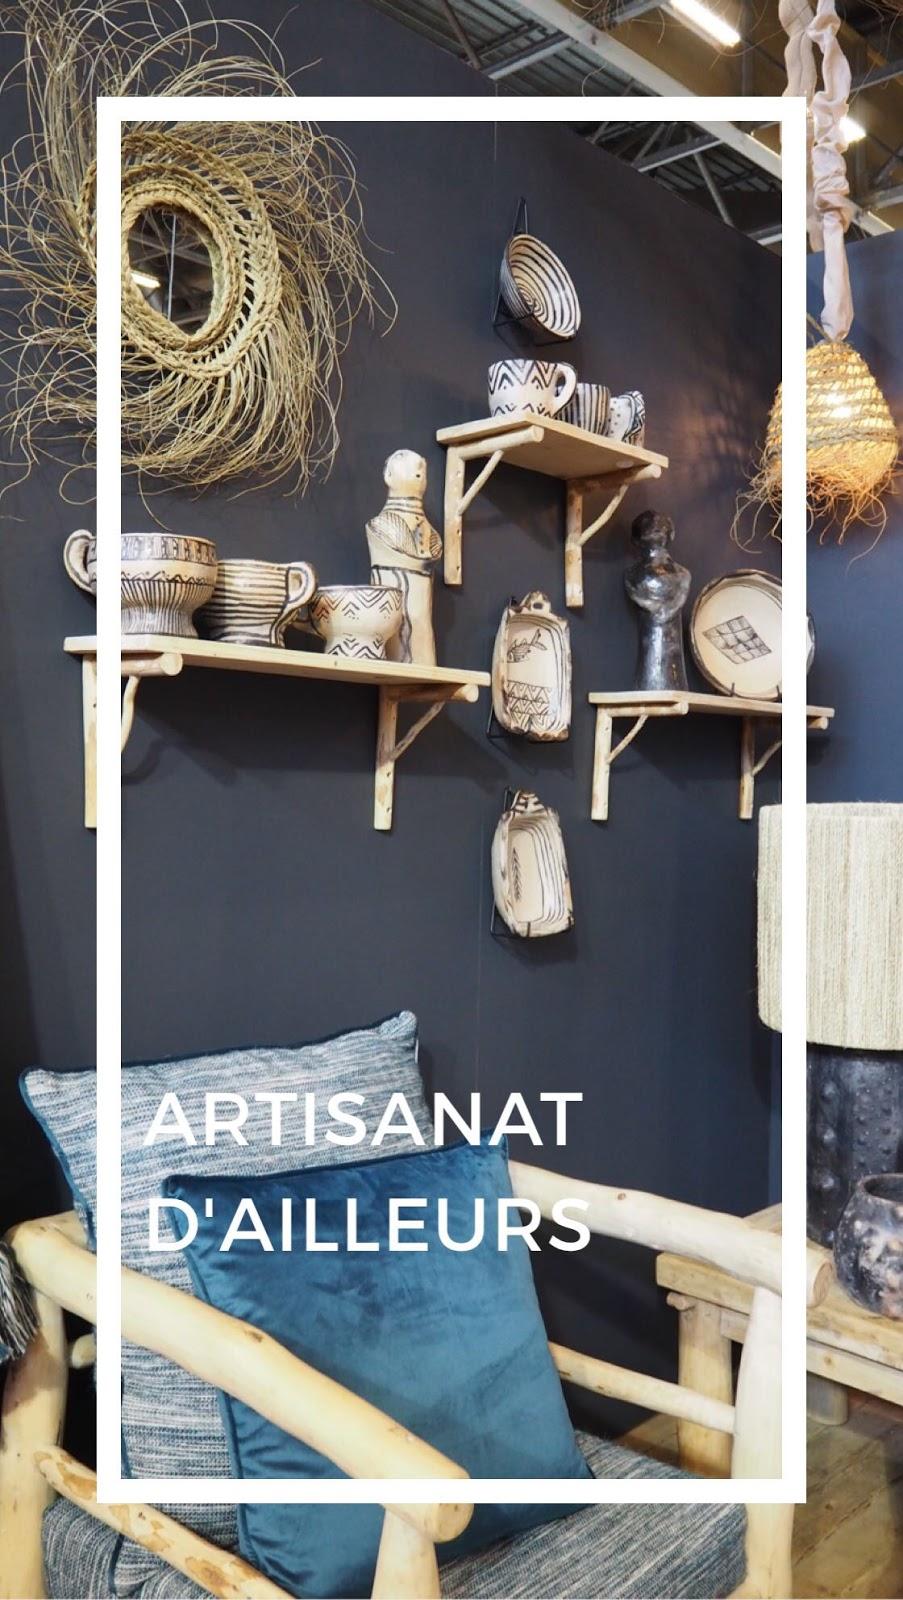 ilaria fatone - artisanat - tendances de maison & objets